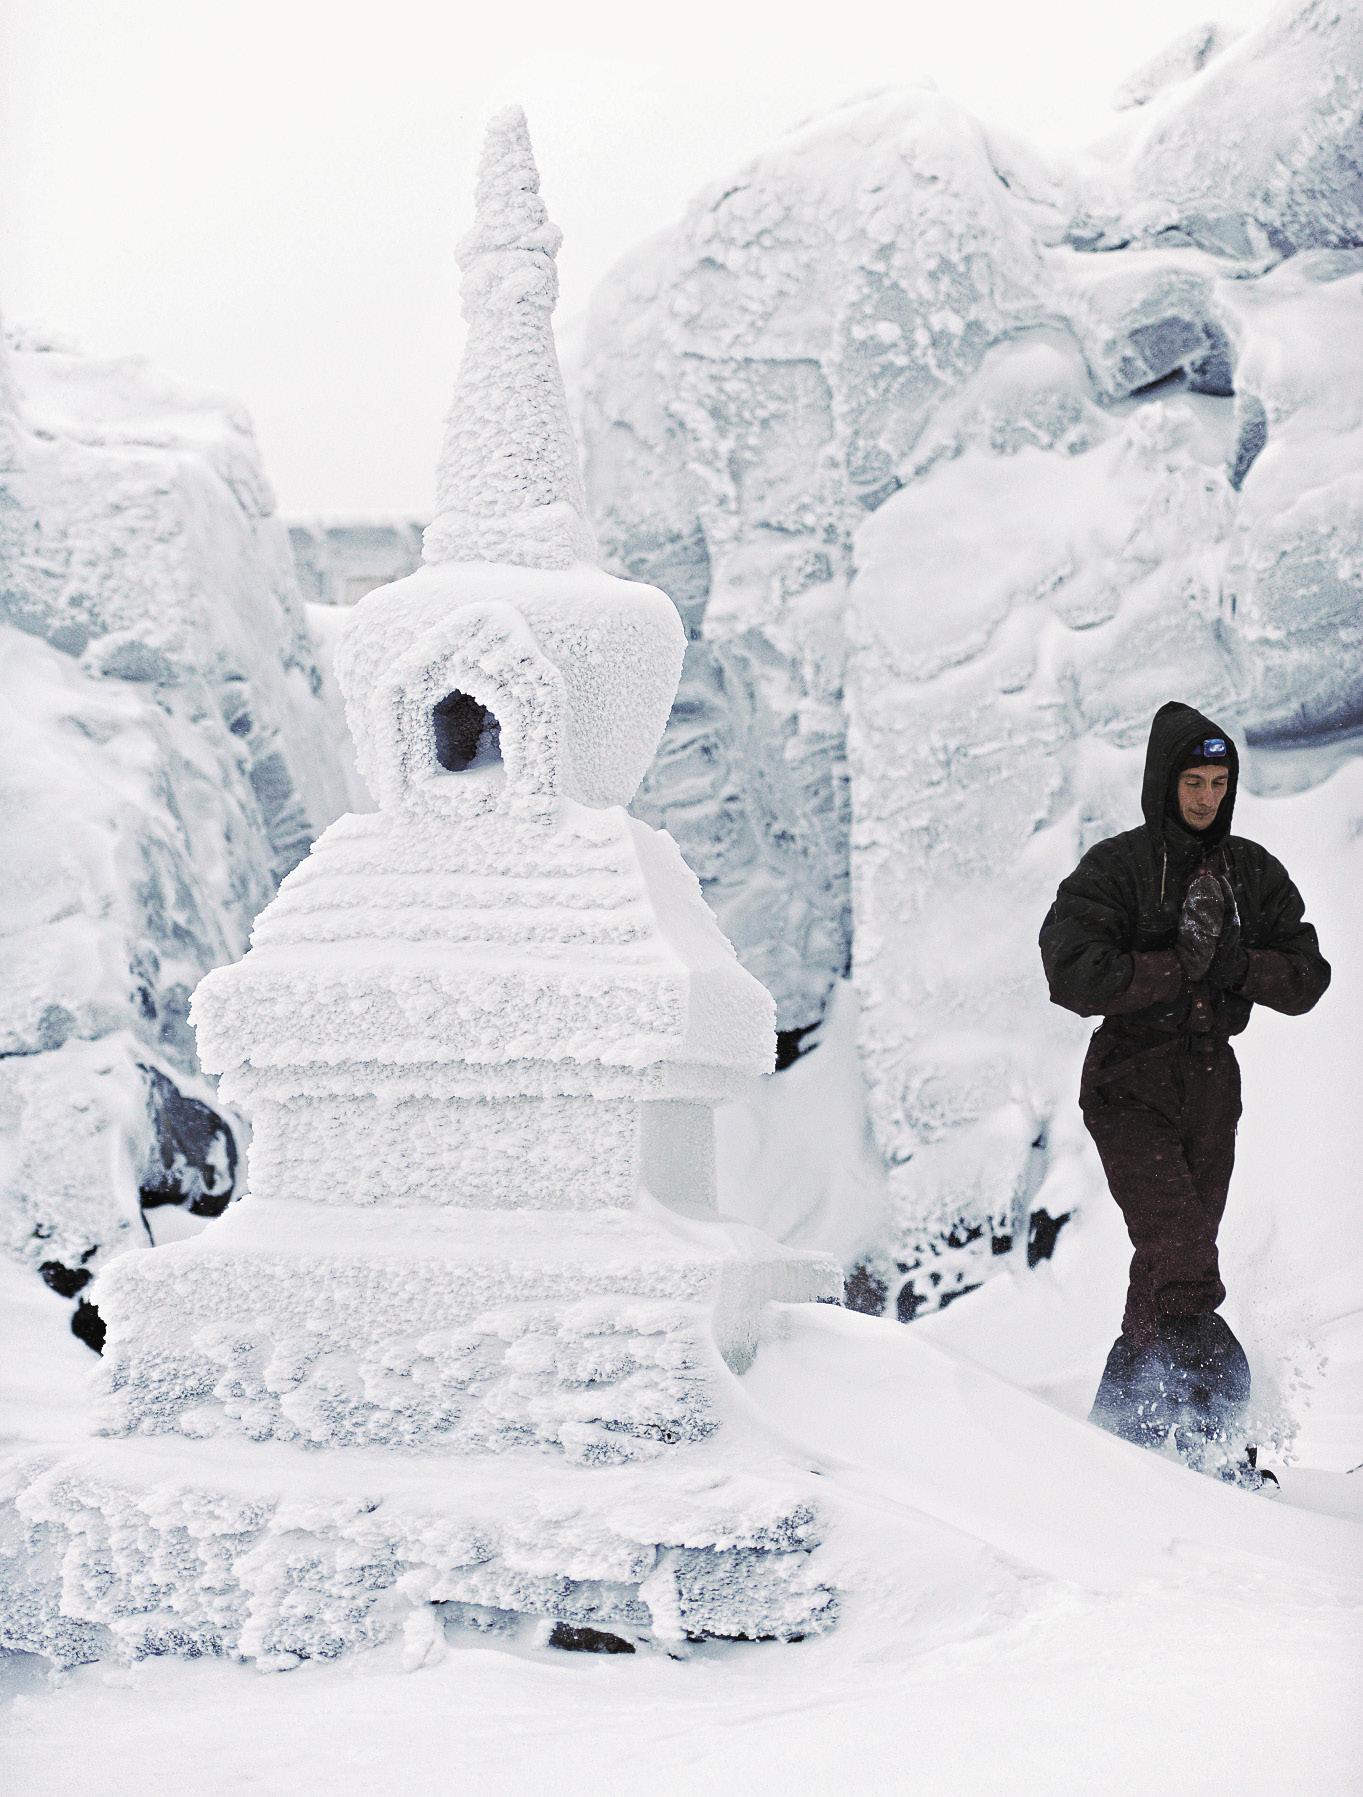 Монах Лугмопа возле Малой ступы Пробуждения во внутреннем дворе монастыря Шад Тчуп Линг. Монашеское звание требует постоянного служения. Снег и сильные морозы, которые не редкость в гористой части Свердловской области, такому служению – не помеха.